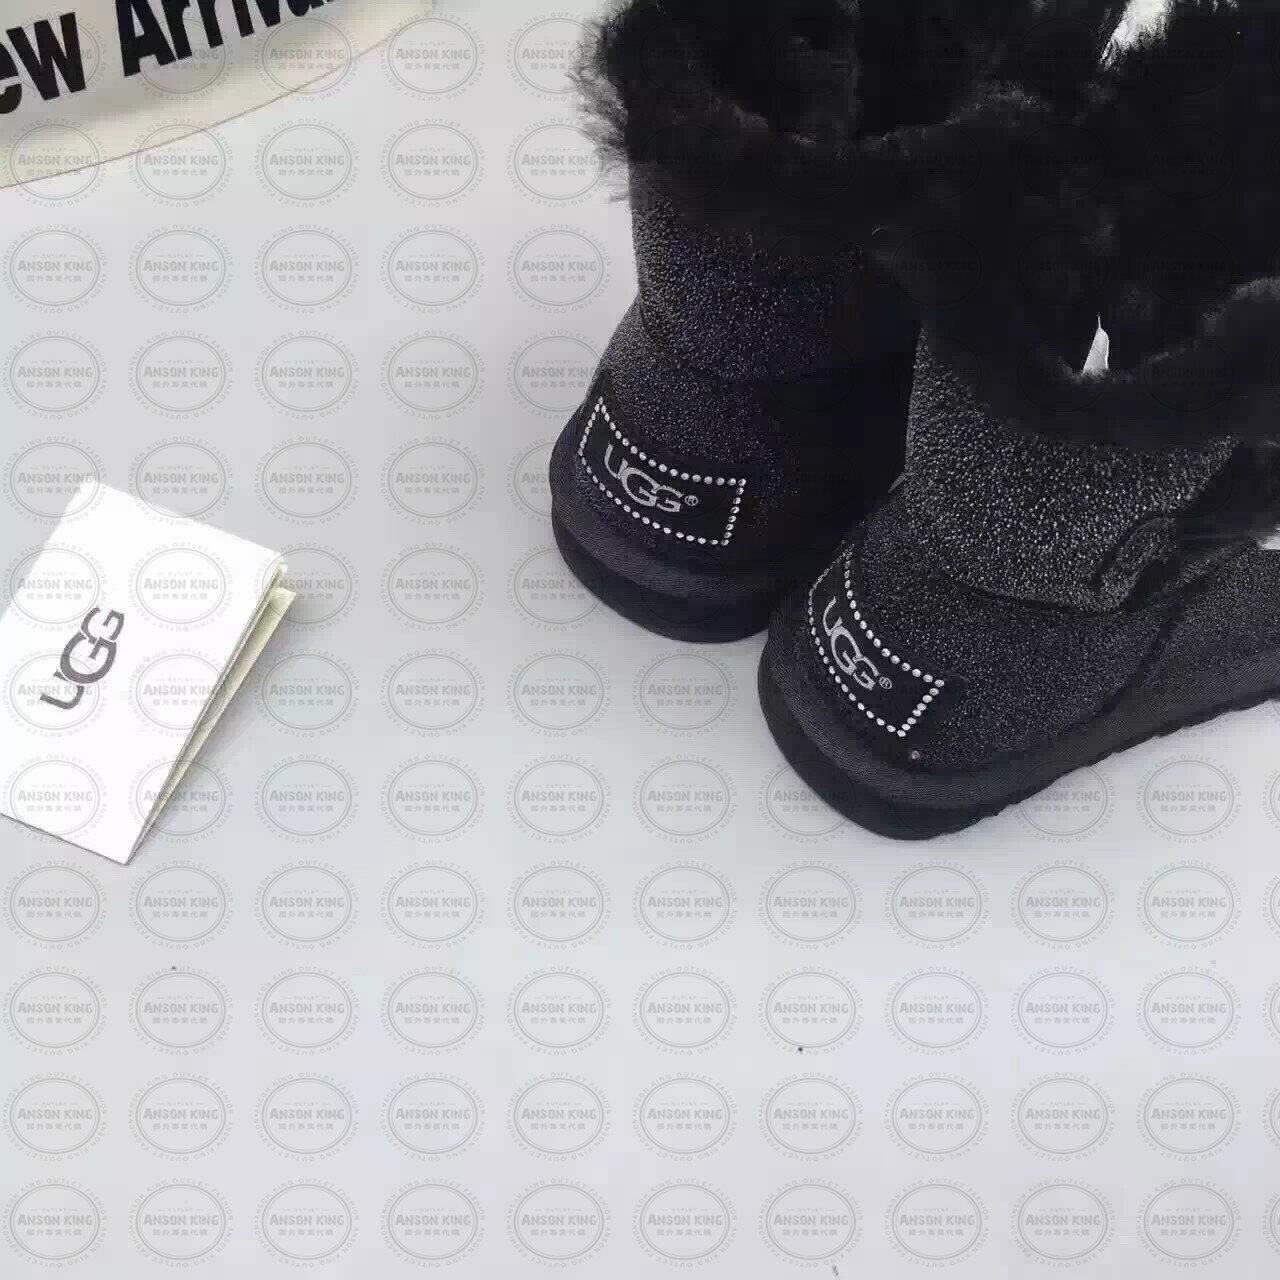 OUTLET正品代購 澳洲 UGG 明星同款水晶扣短靴 保暖 真皮羊皮毛 雪靴 短靴 黑色 2